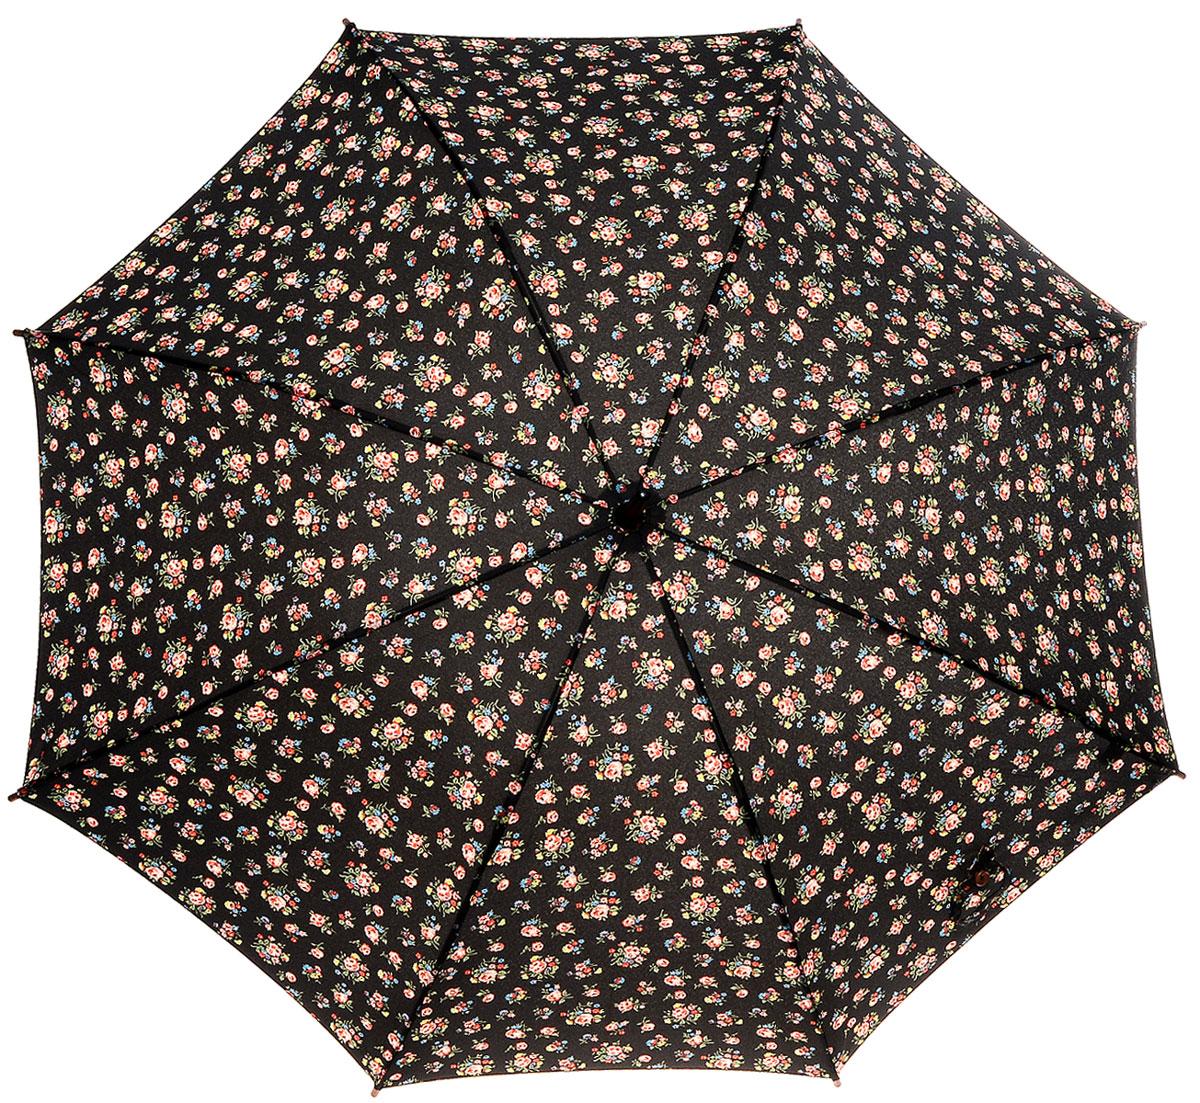 Зонт-трость женский Cath Kidston Kensington, механический, цвет: черный. L541-2652Колье (короткие одноярусные бусы)Яркий механический зонт-трость Cath Kidston Kensington даже в ненастную погоду позволит вам оставаться стильной и элегантной. Каркас зонта включает 8 спиц из фибергласса с деревянным наконечниками. Стержень изготовлен из дерева. Купол зонта выполнен из износостойкого полиэстера и оформлен мелким цветочным принтом. Изделие дополнено удобной рукояткой из гладкого дерева.Зонт механического сложения: купол открывается и закрывается вручную до характерного щелчка. Модель дополнительно застегивается с помощью двух хлястиков: на кнопку и липучку с декоративной пуговицей.Такой зонт не только надежно защитит вас от дождя, но и станет стильным аксессуаром, который идеально подчеркнет ваш неповторимый образ.